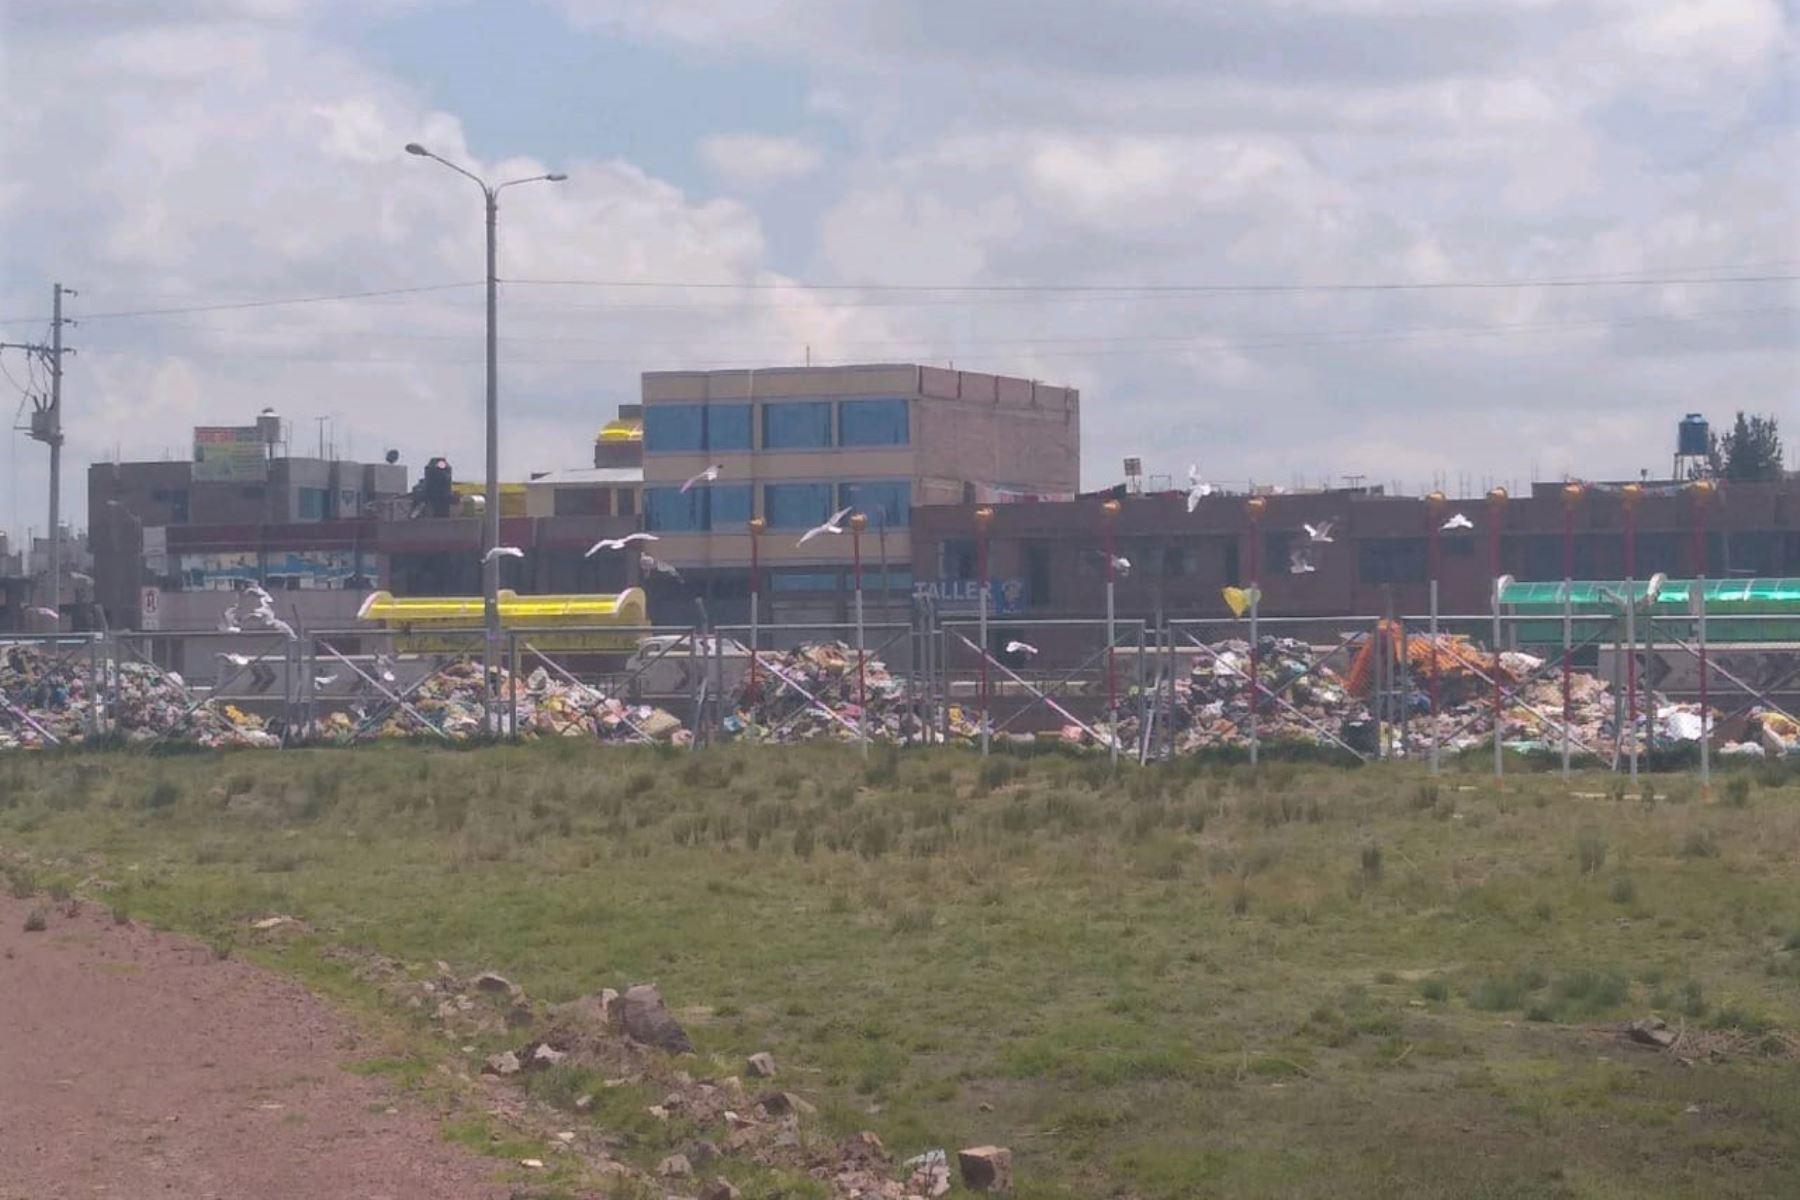 Alertan por creciente presencia de aves alrededor de aeropuerto de Juliaca, en Puno. ANDINA/Difusión